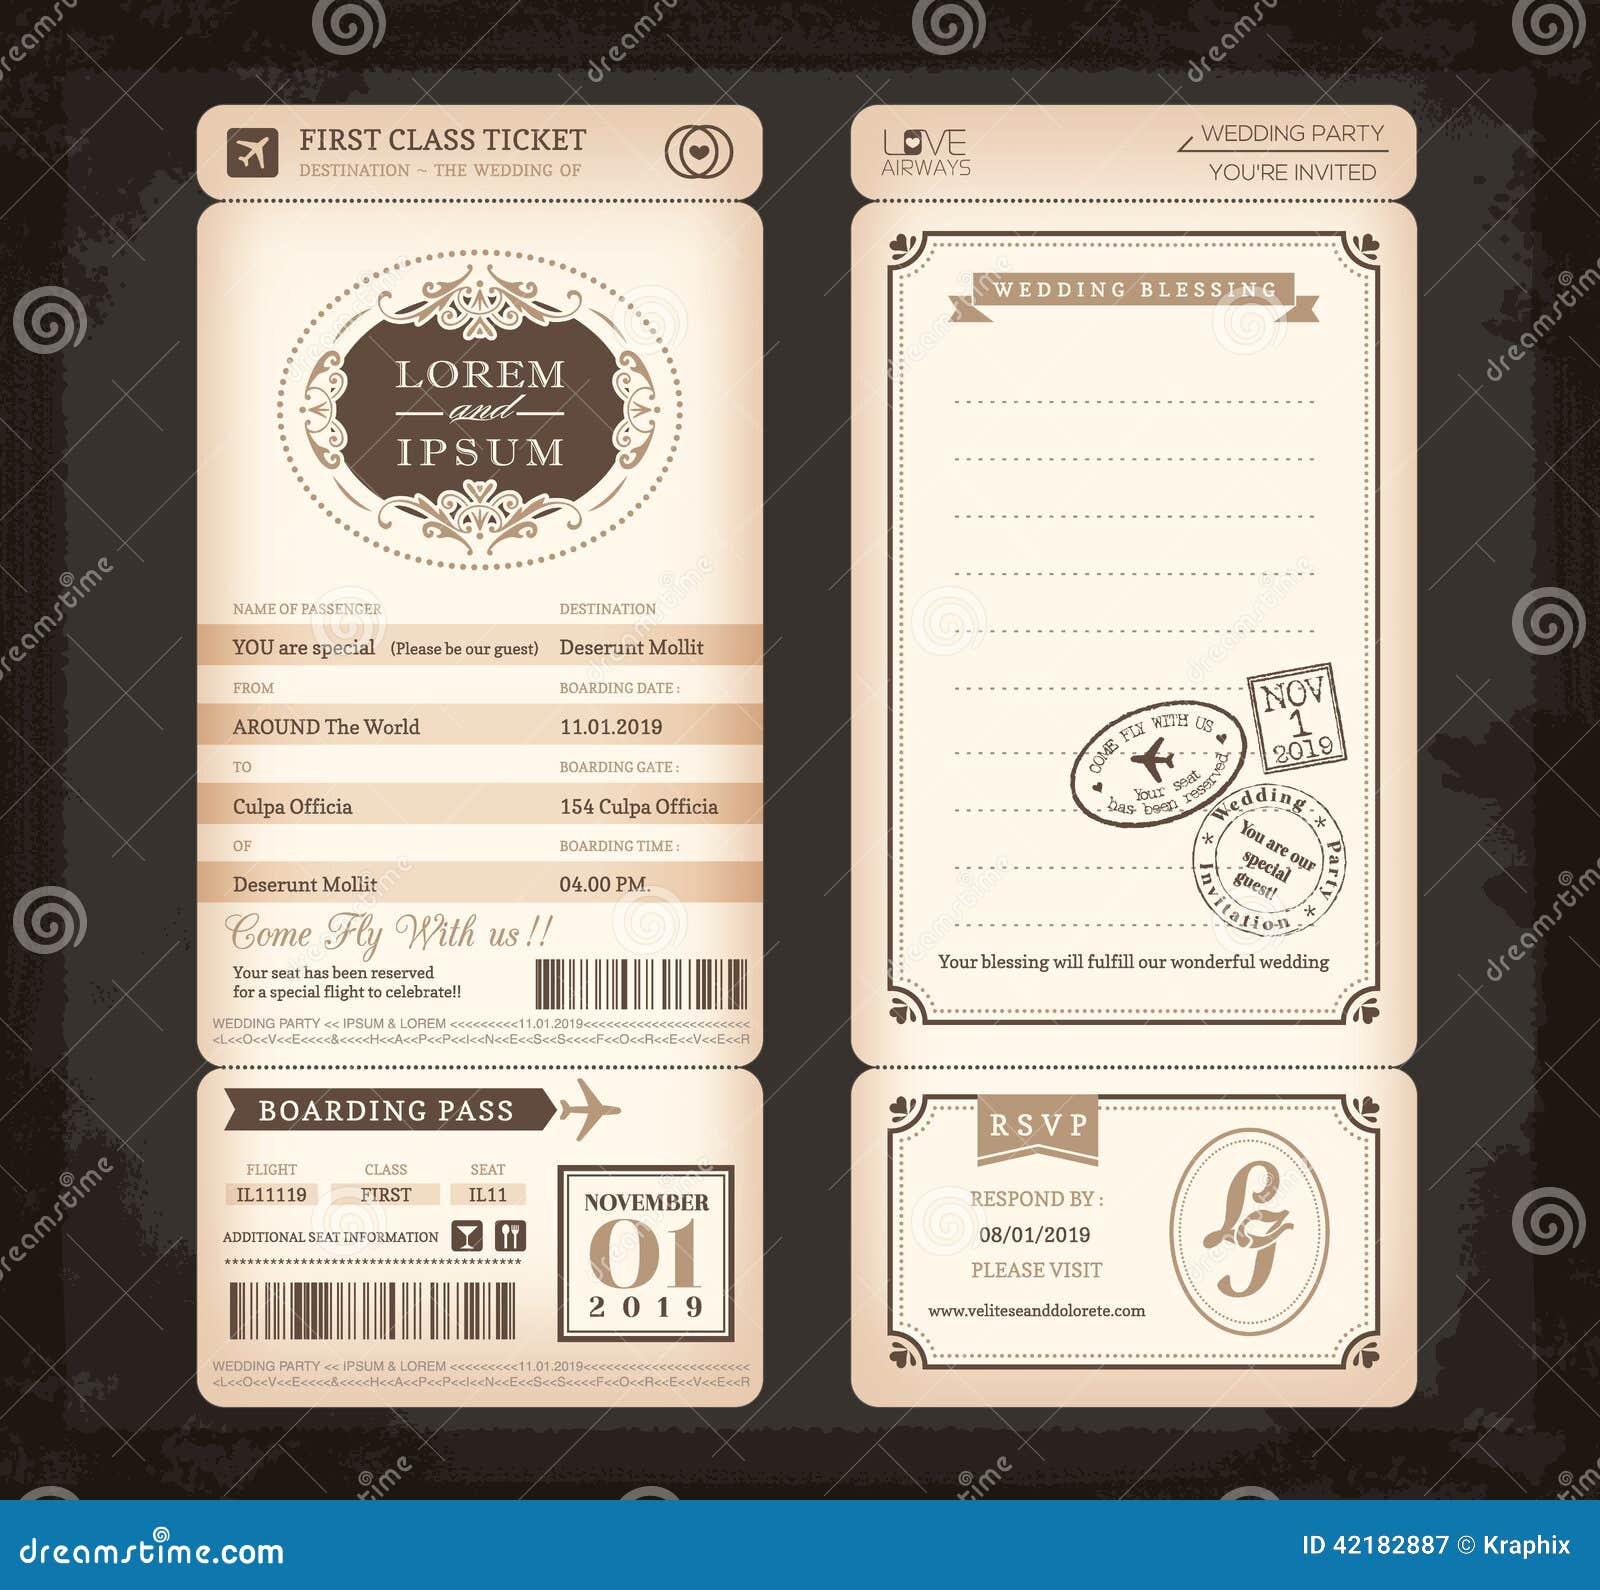 Старая винтажная карточка свадьбы билета посадочного талона стиля